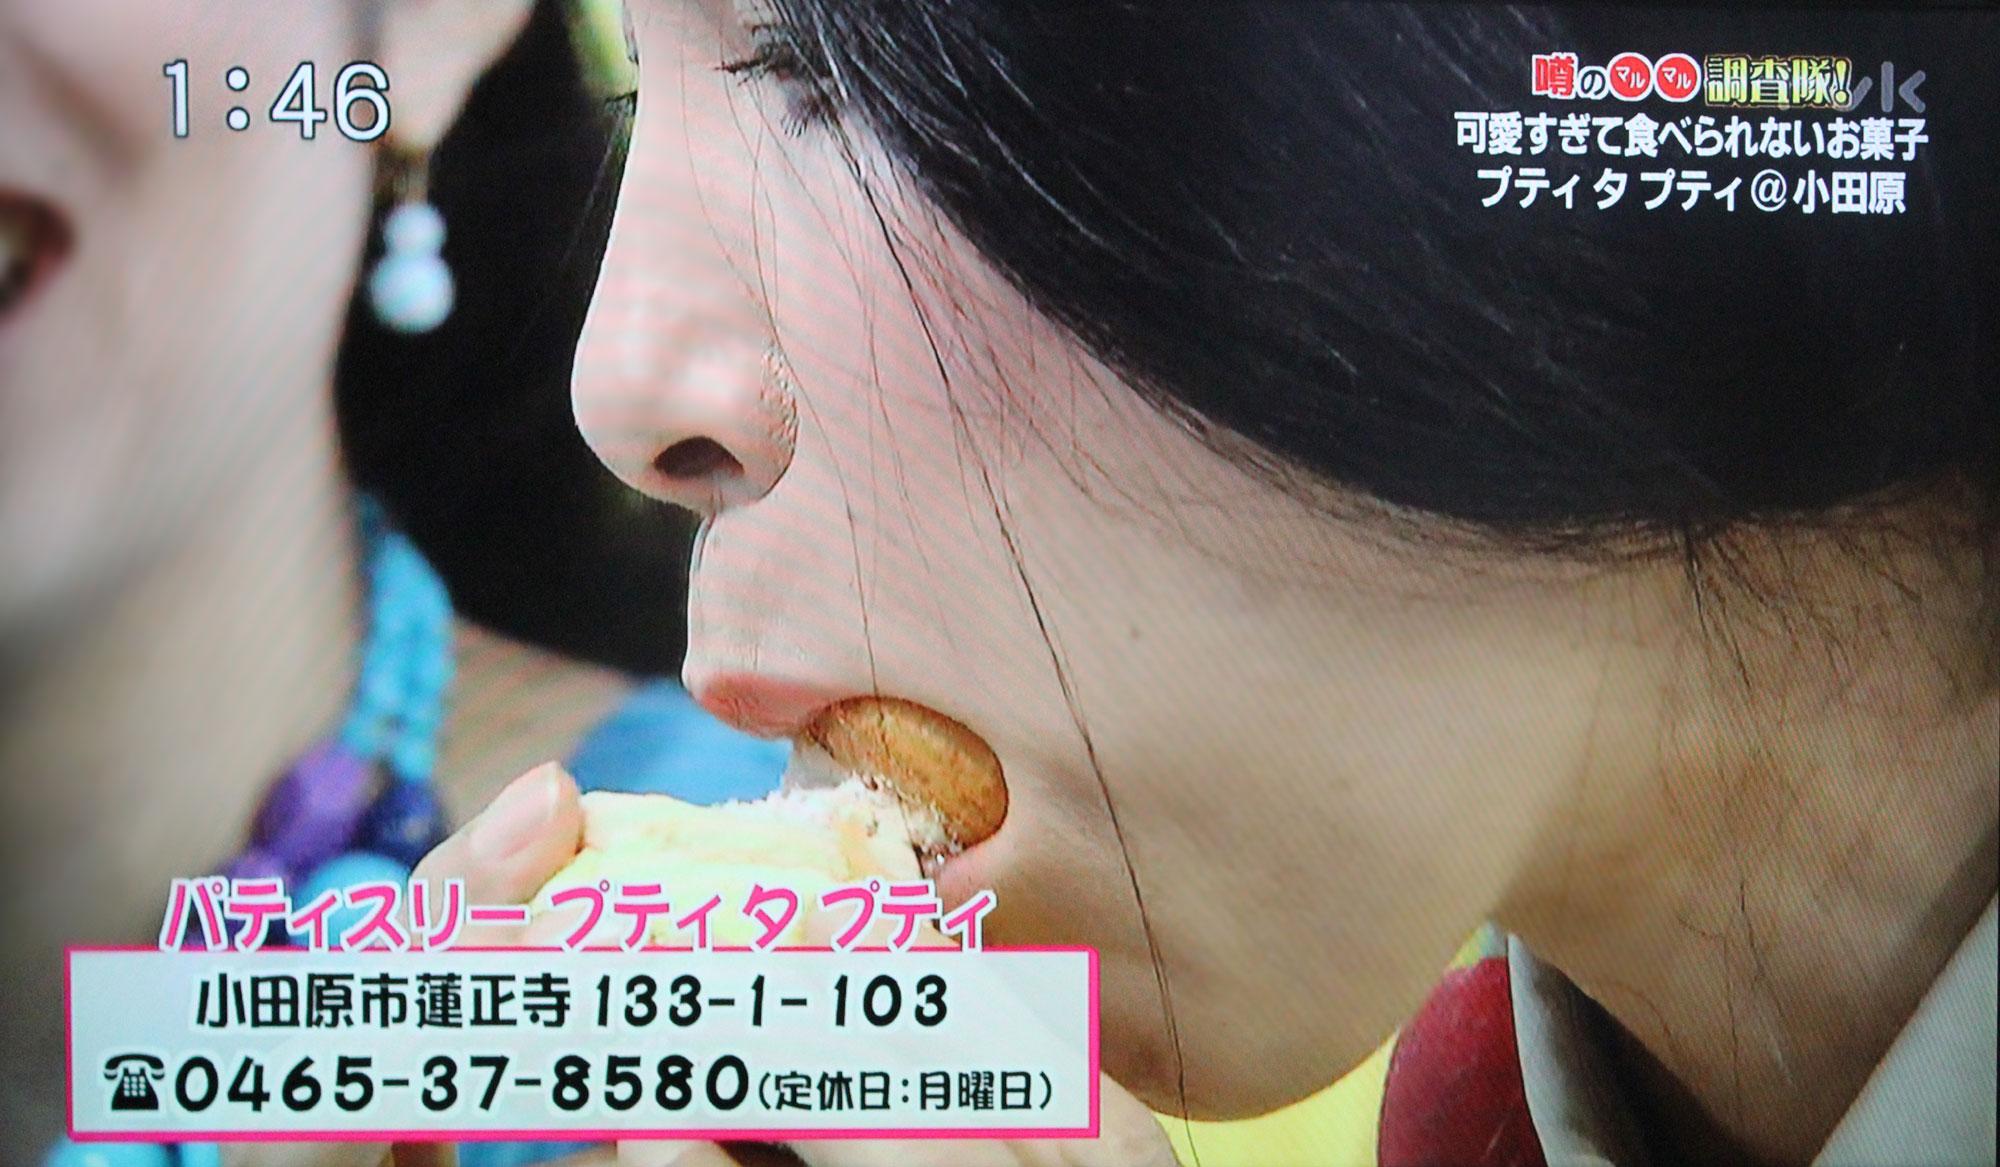 テレビ神奈川6